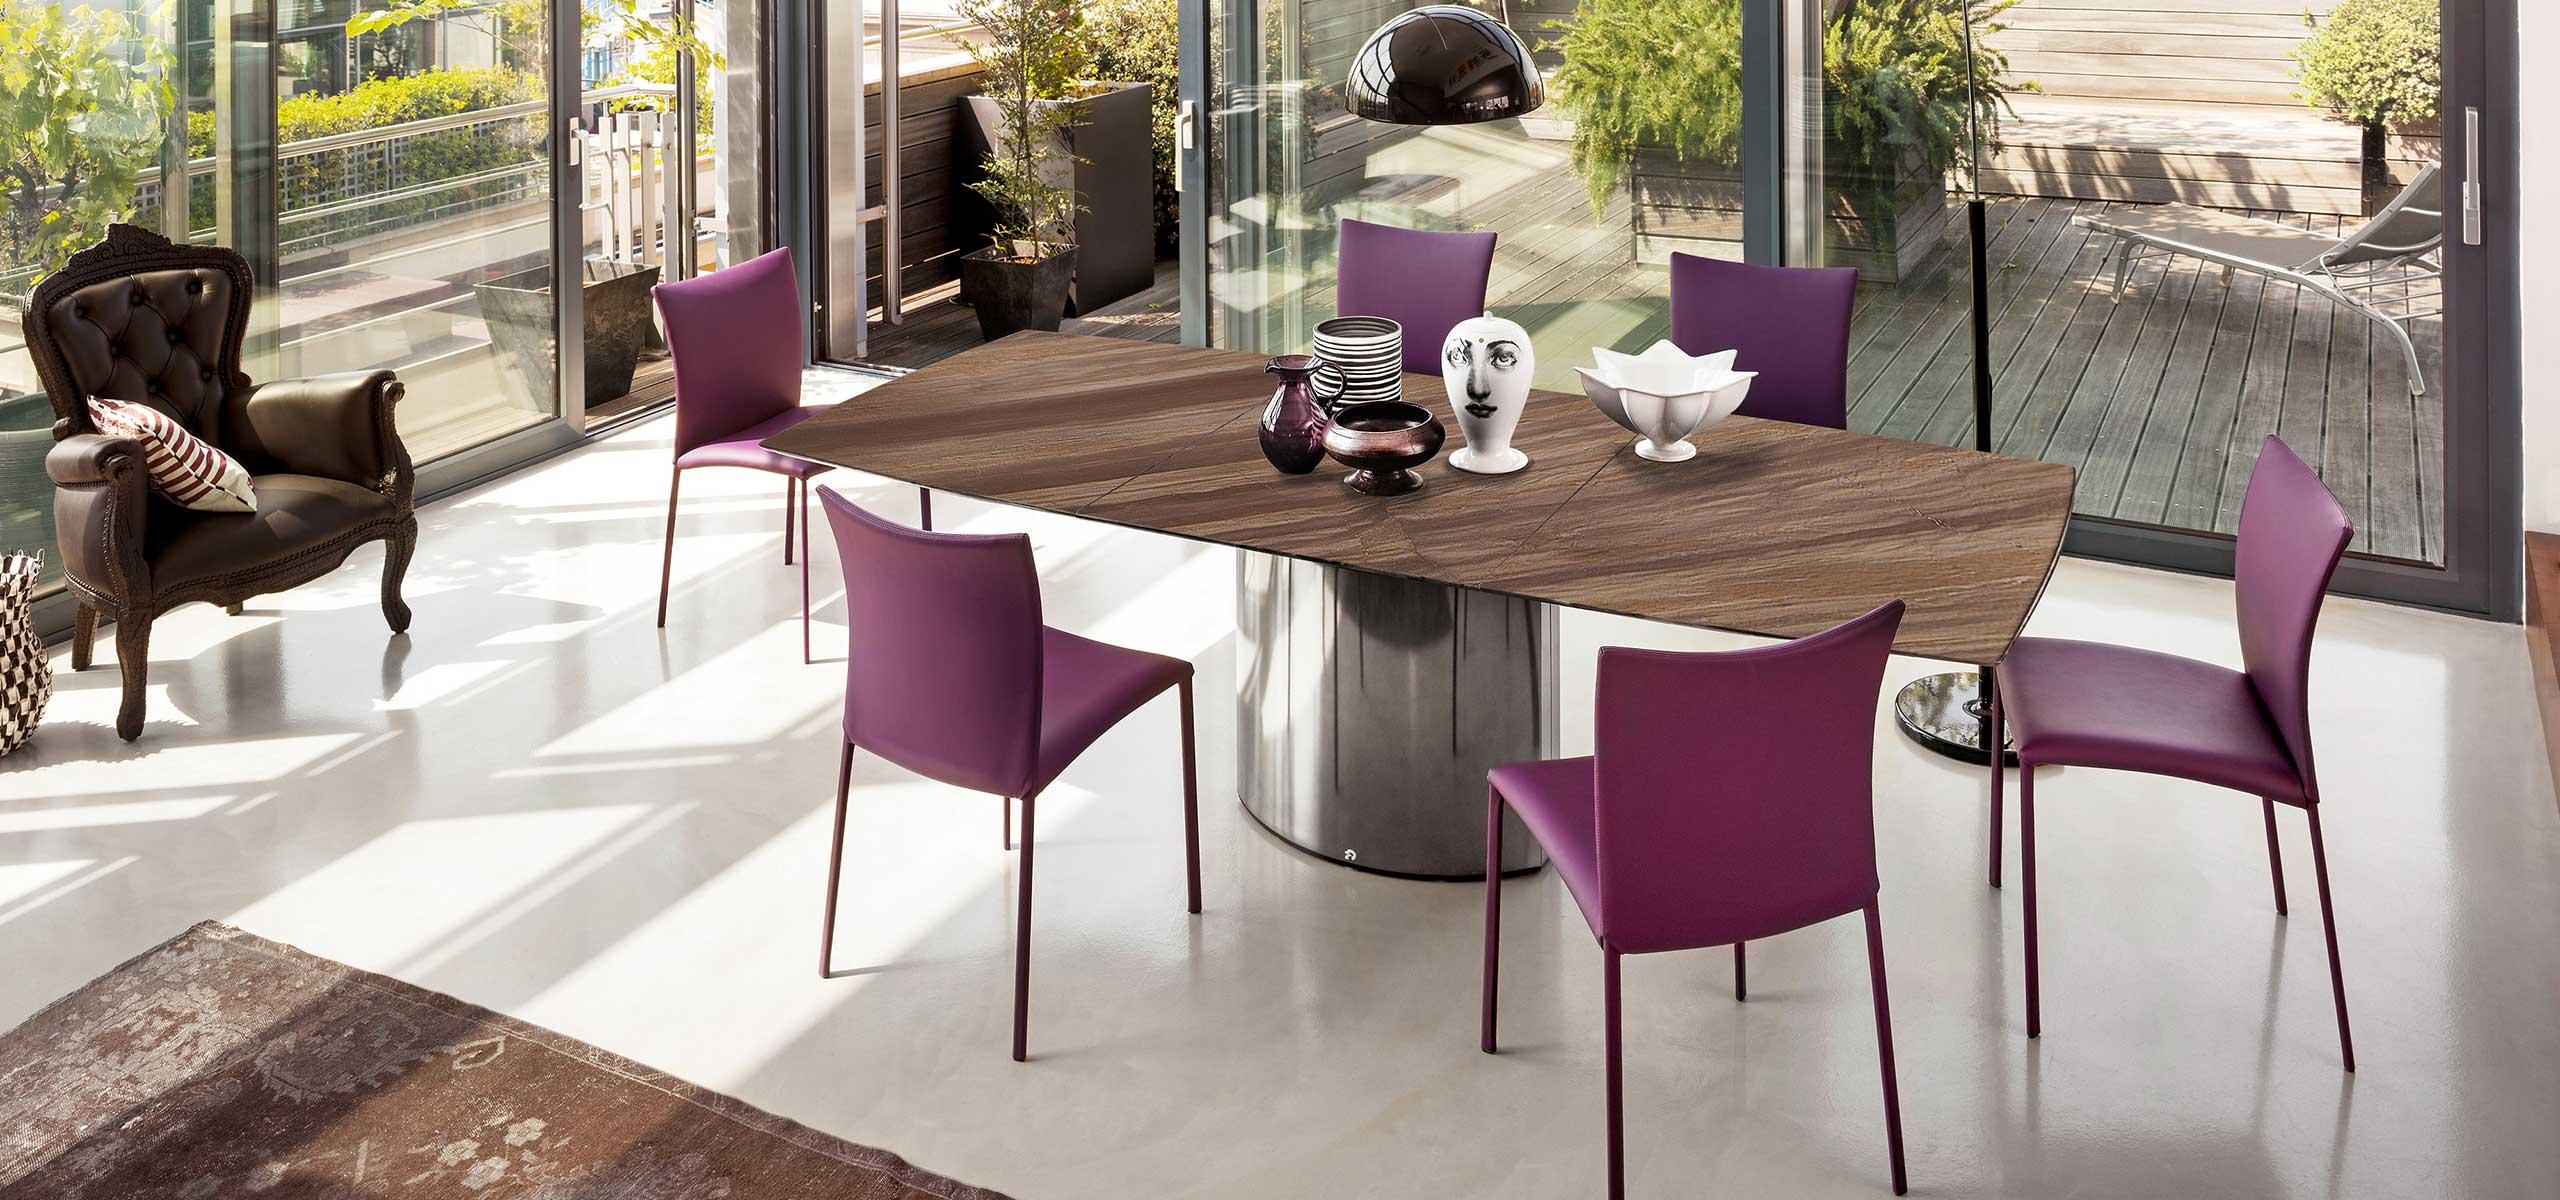 Couchtische TischeStühle Und TischeStühle Draenert Draenert NkZP8OXn0w